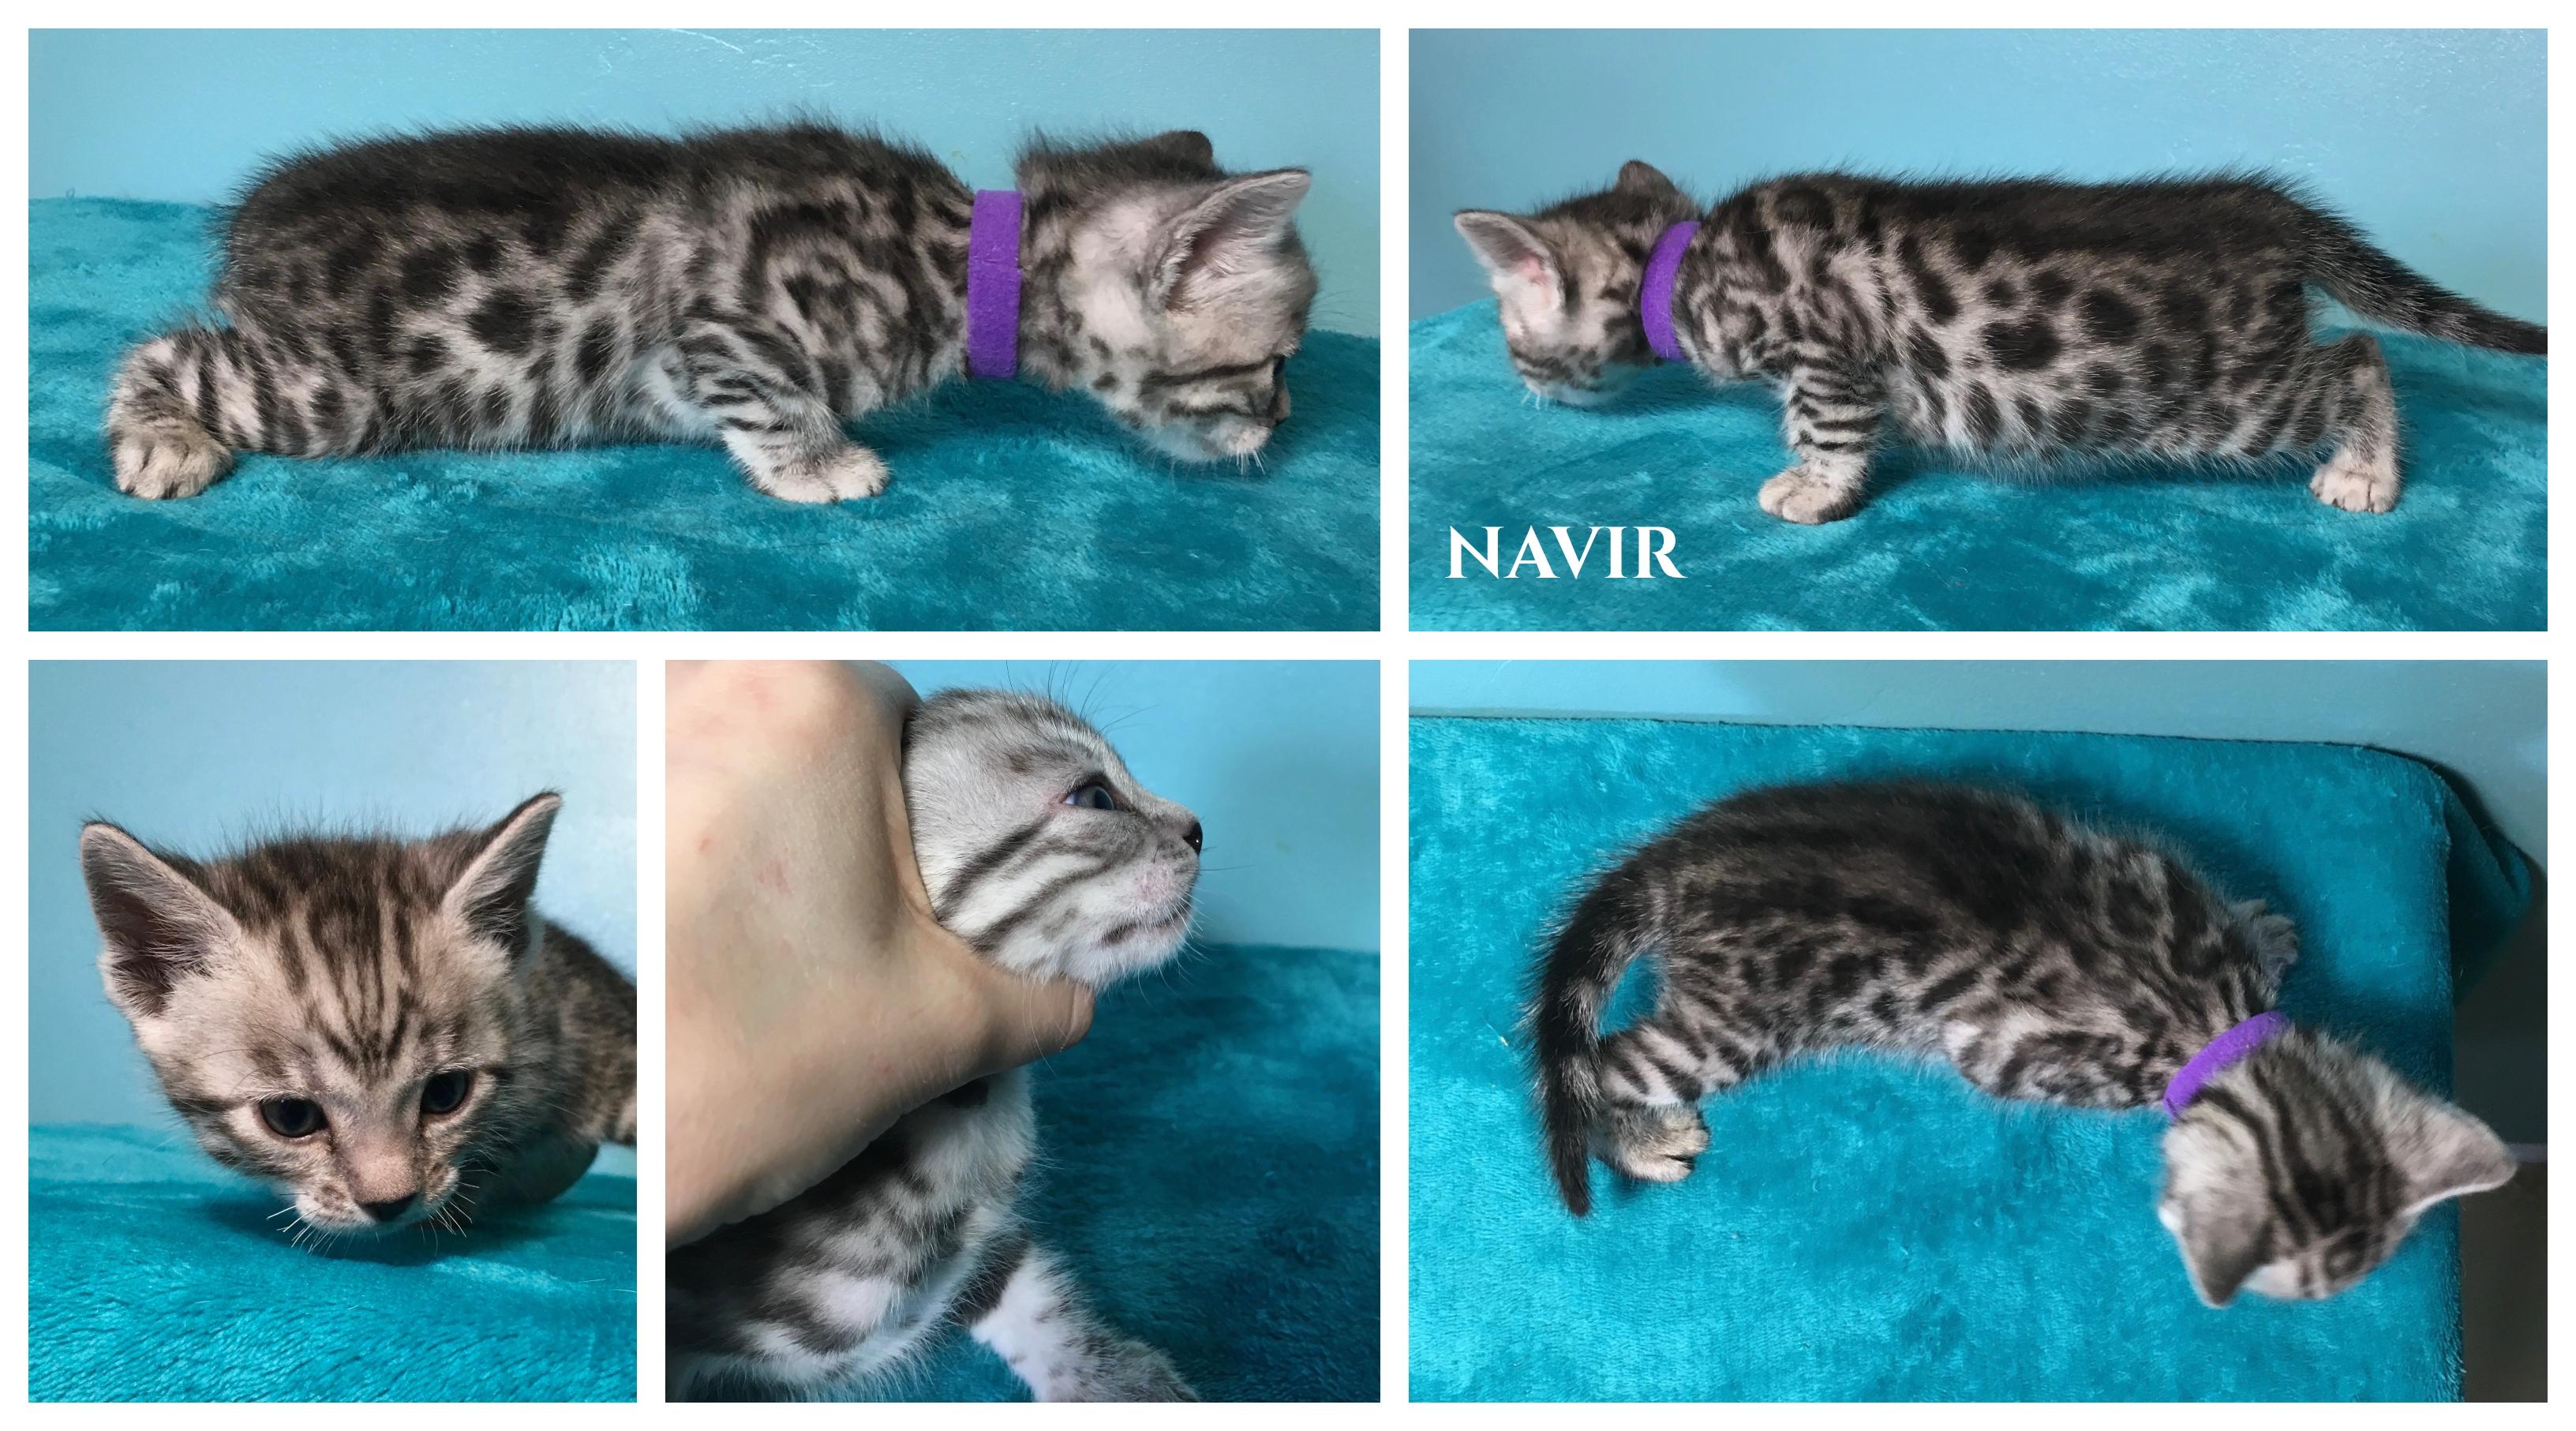 Navir 4 weeks